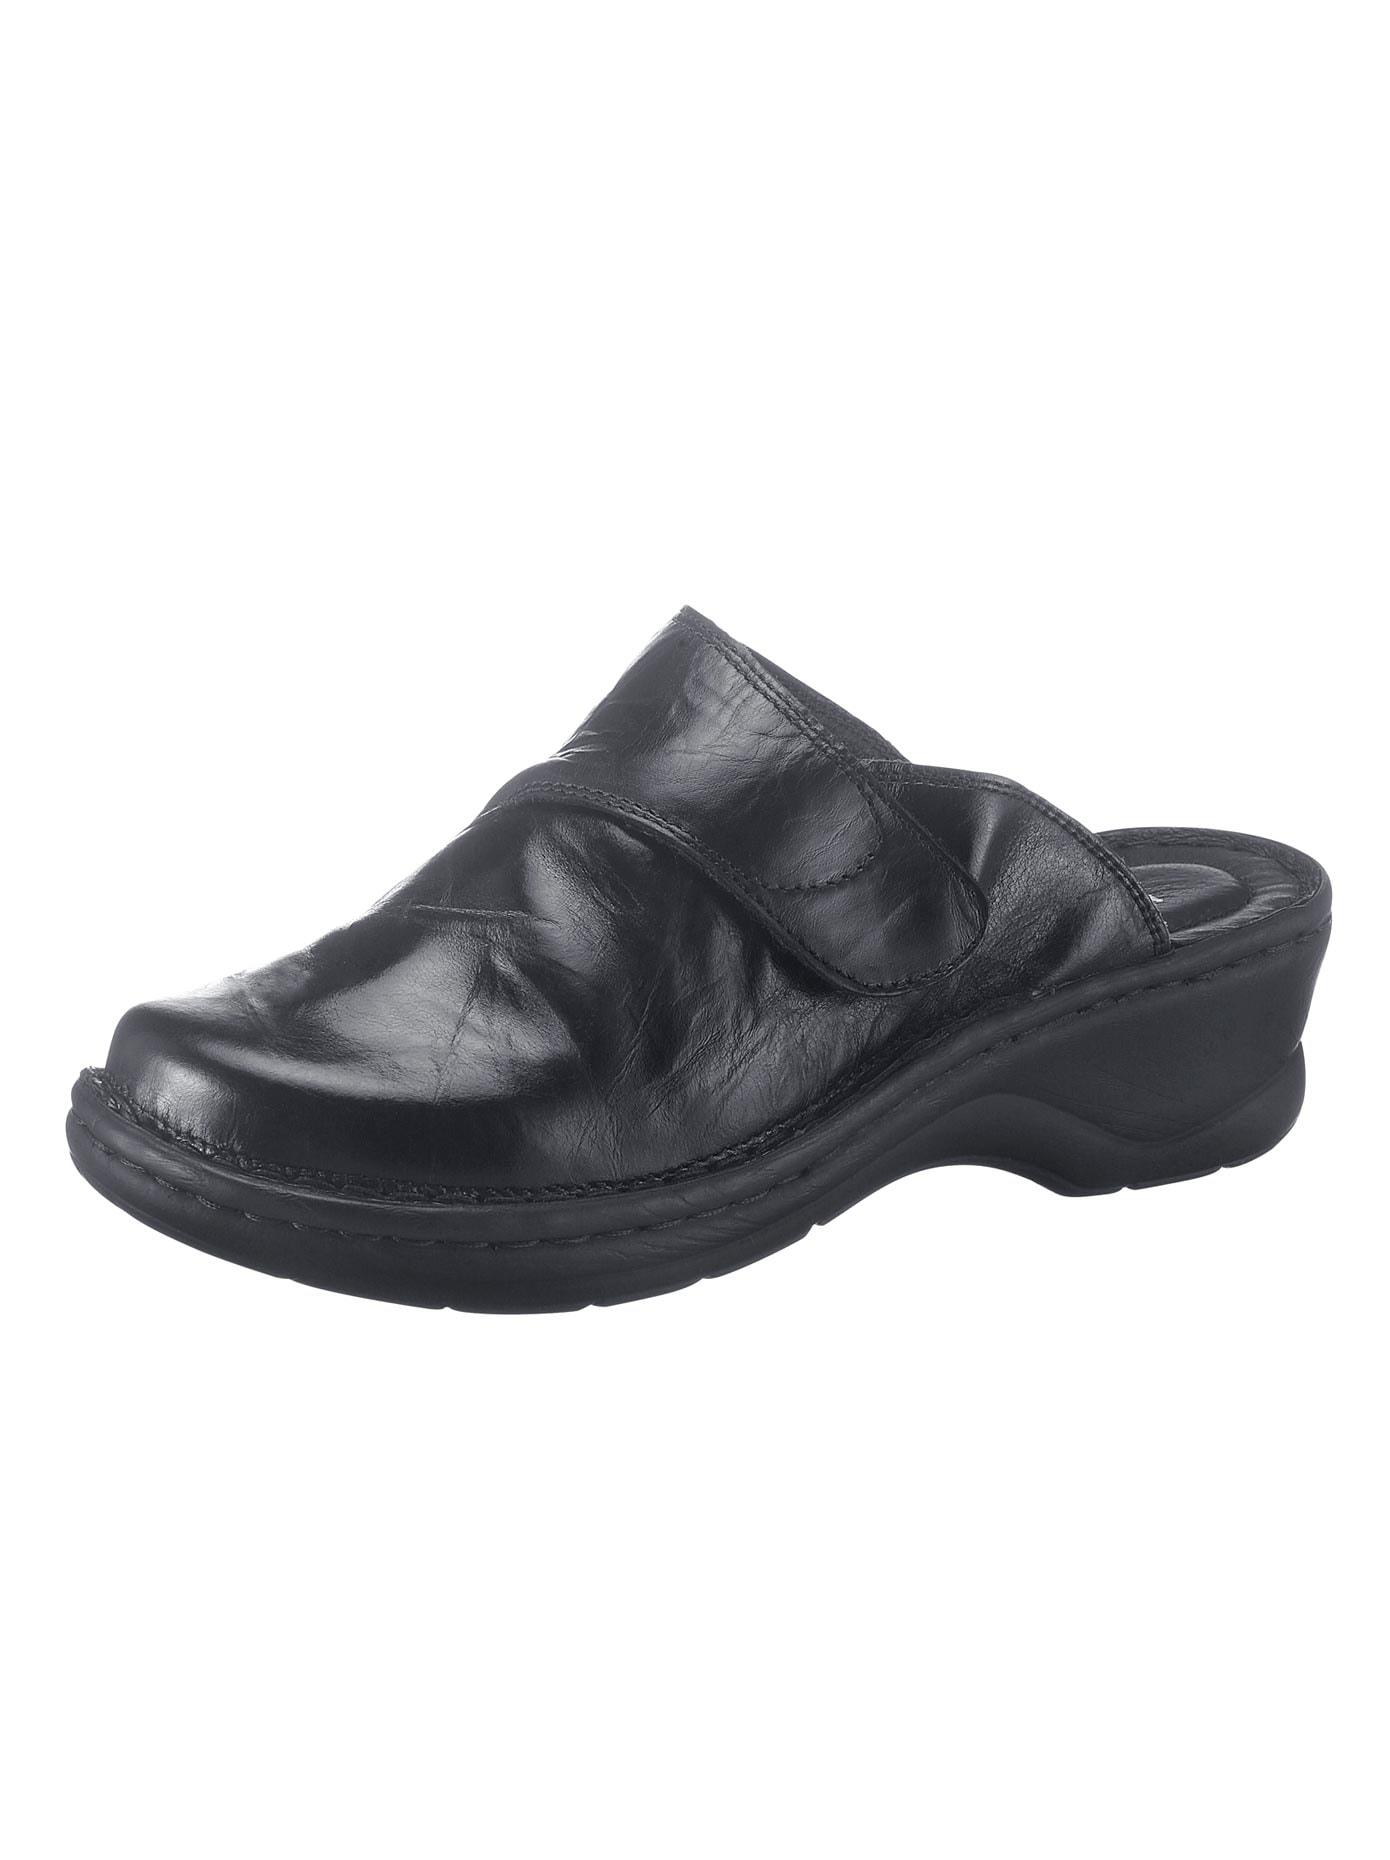 Seibel Clog mit rutschhemmender PU-Laufsohle | Schuhe > Hausschuhe > Pantoletten | Josef Seibel